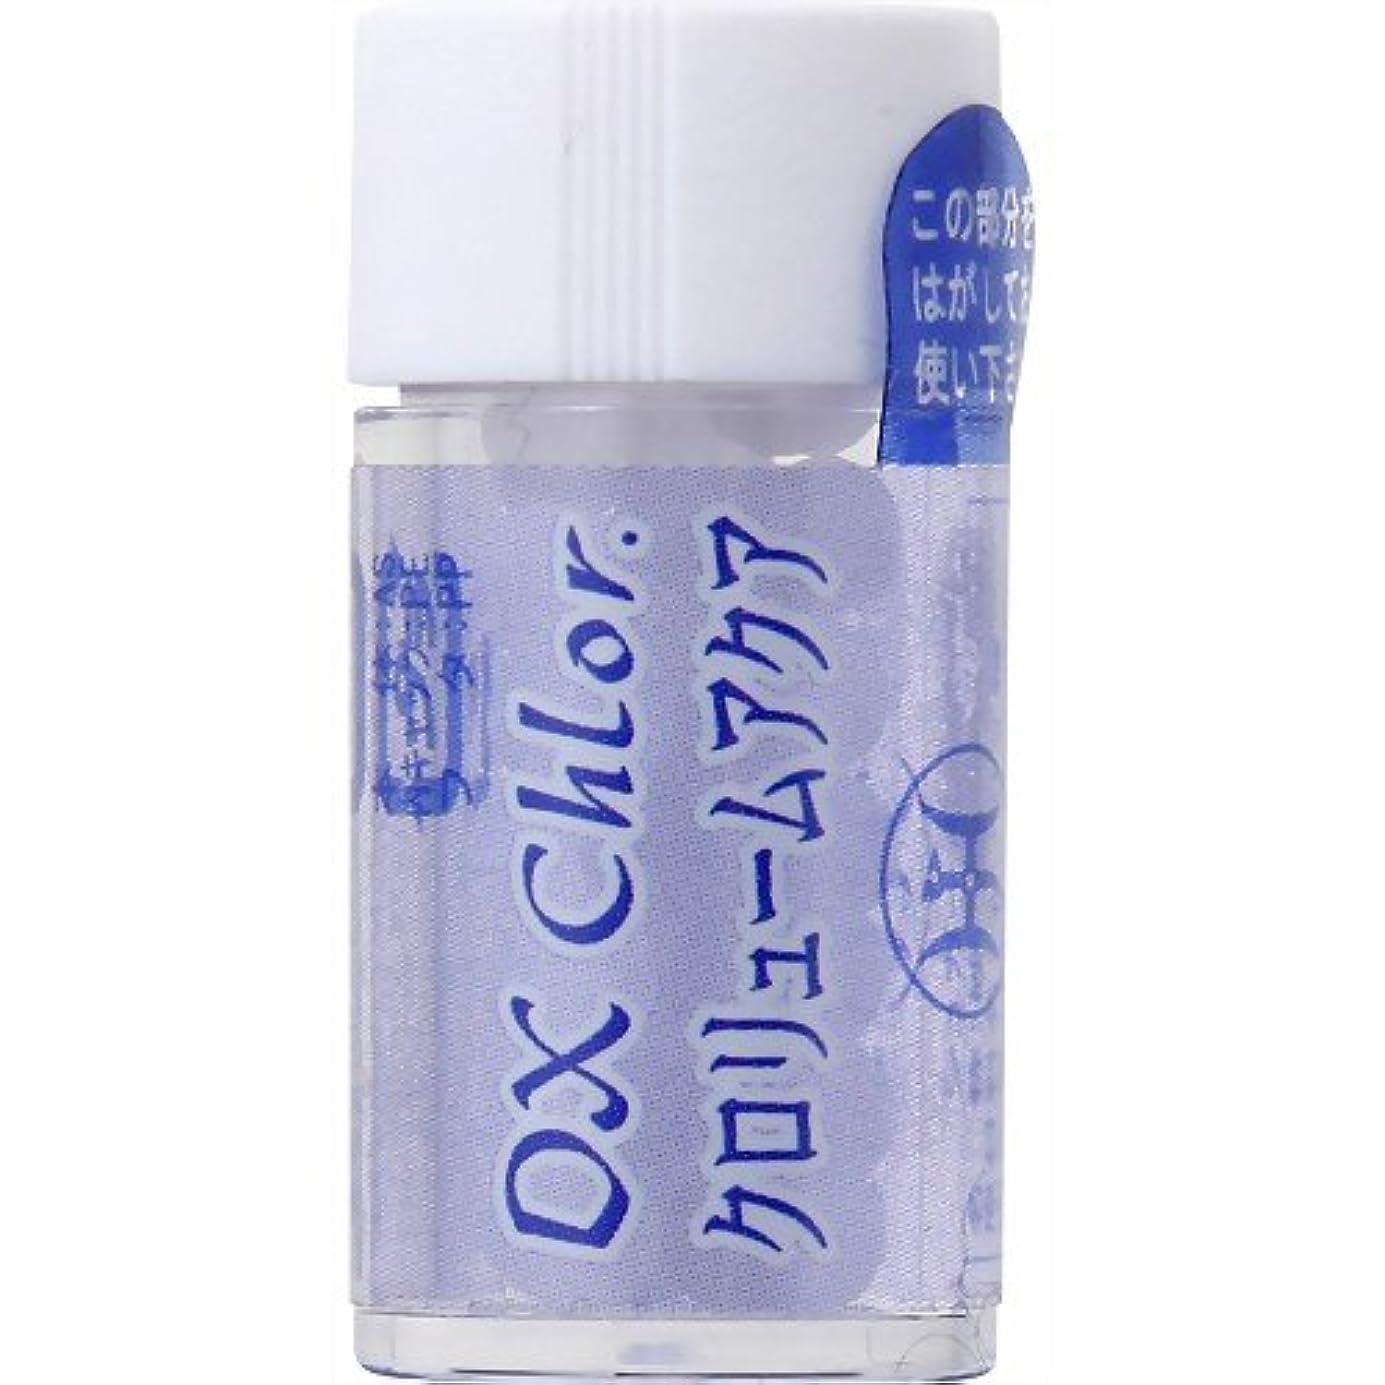 そんなにゆるい出会いホメオパシージャパンレメディー DX Chlor.  ディーエックス クロリュームアクア (小ビン)